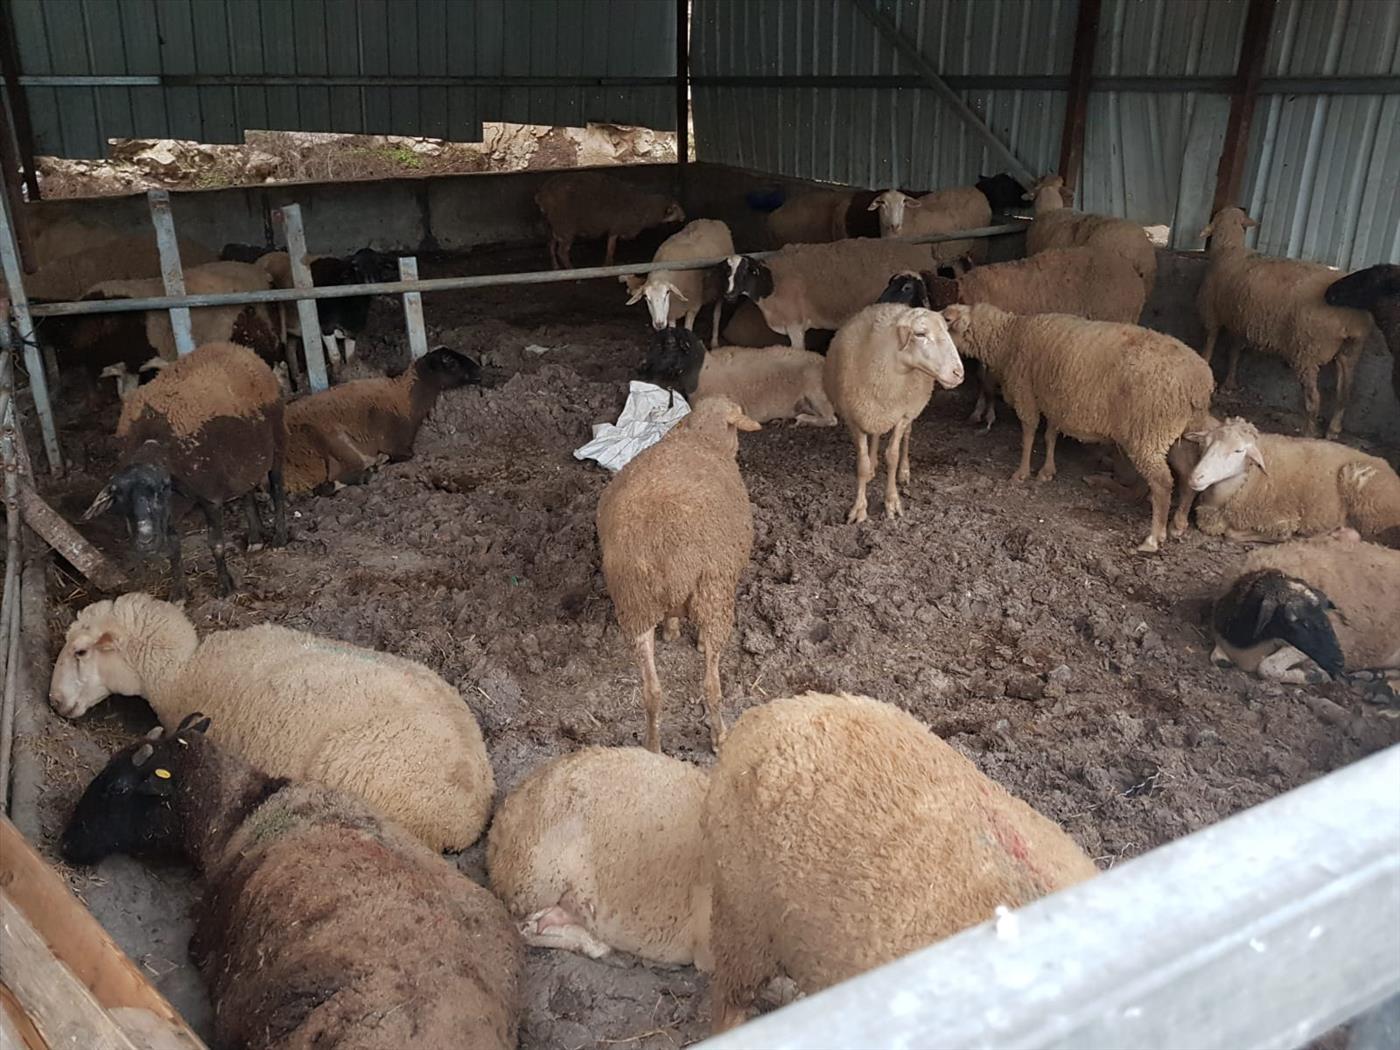 עדר צאן שנגנב. ארכיון  (משטרת ישראל)